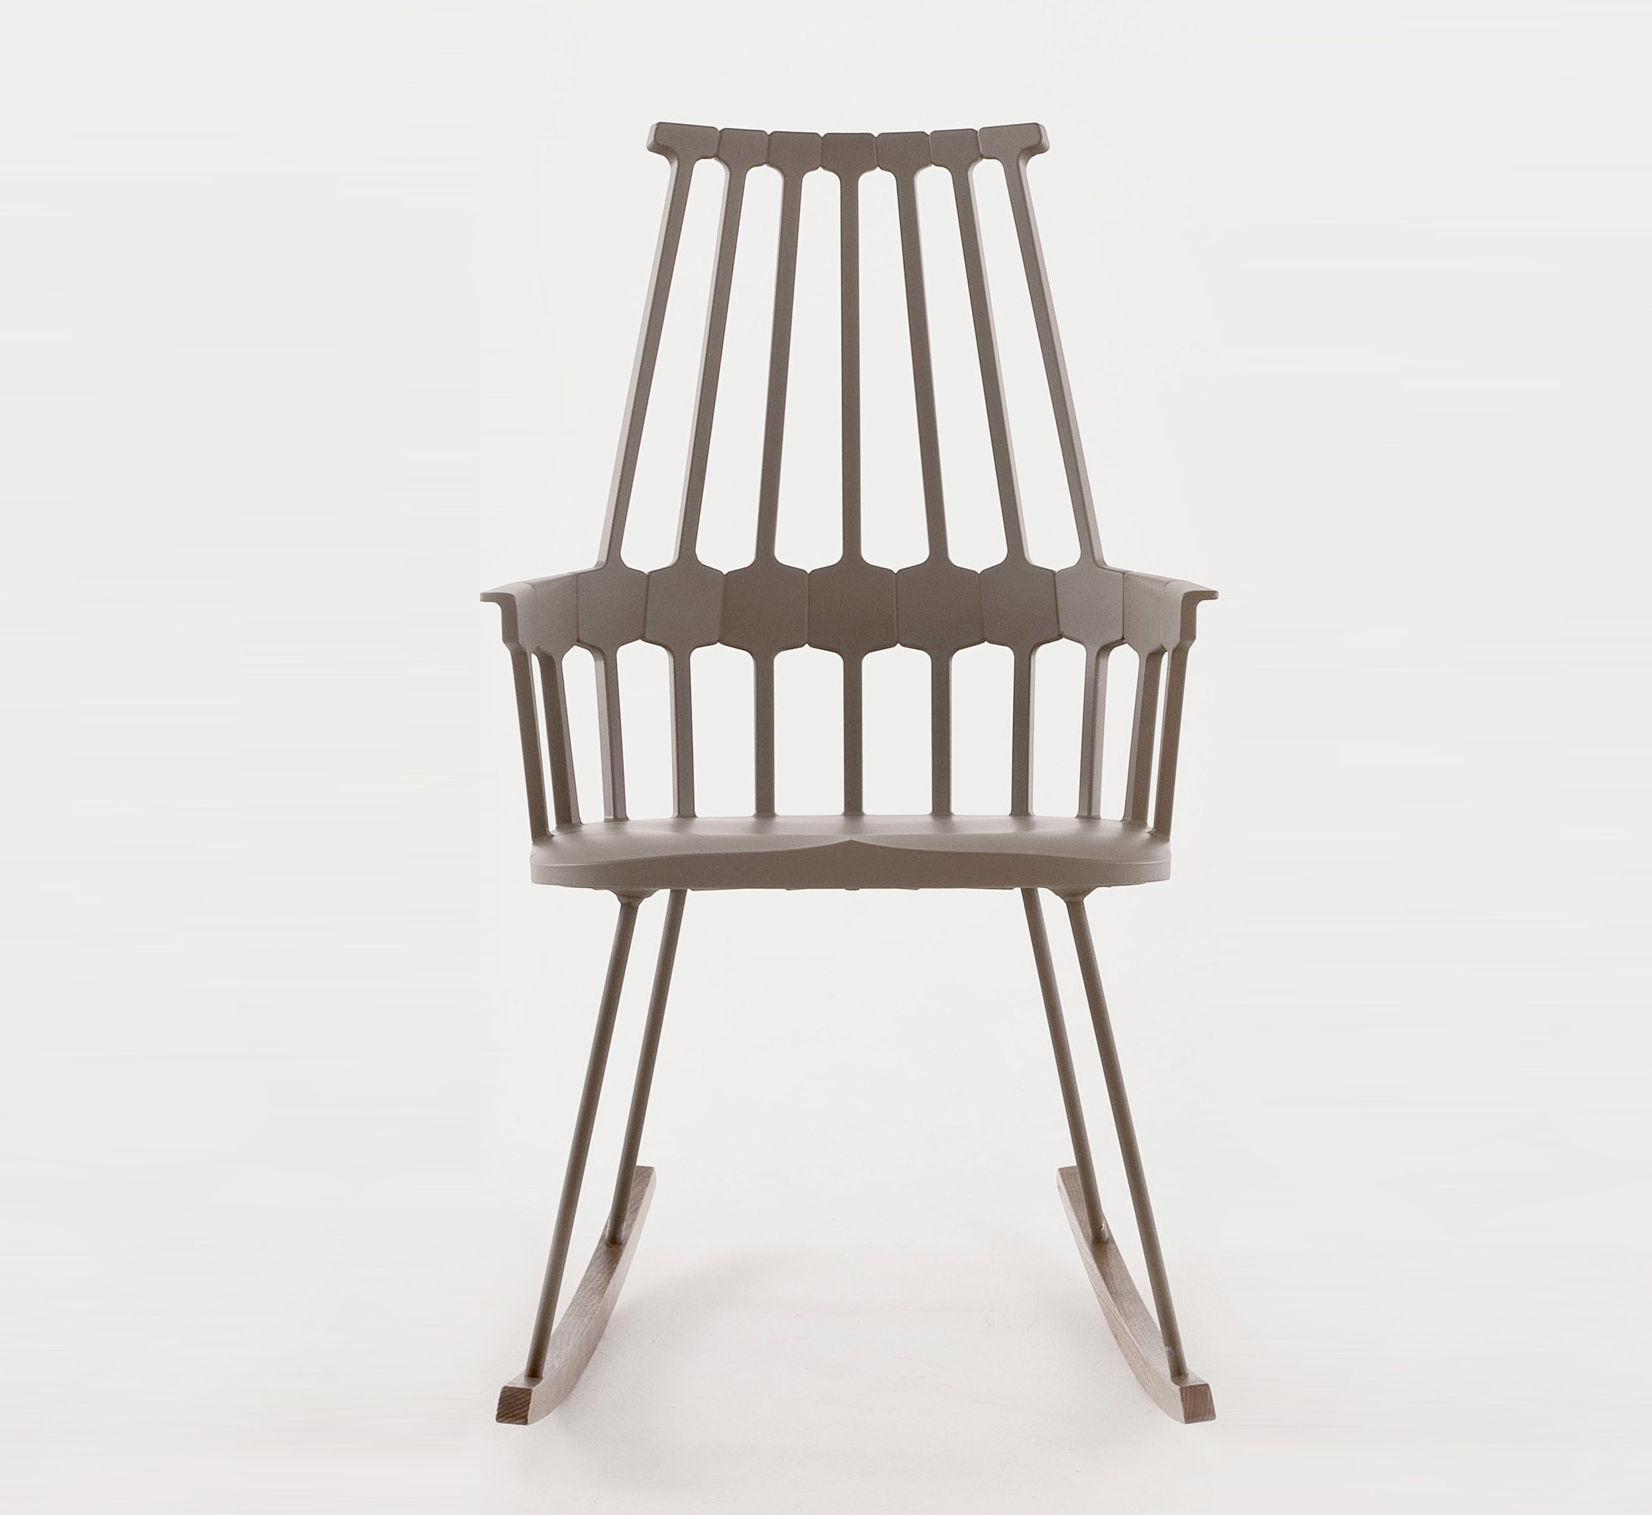 Scopri rocking chair comback sedia a dondolo nocciola legno di kartell made in design italia - Sedia a dondolo design ...